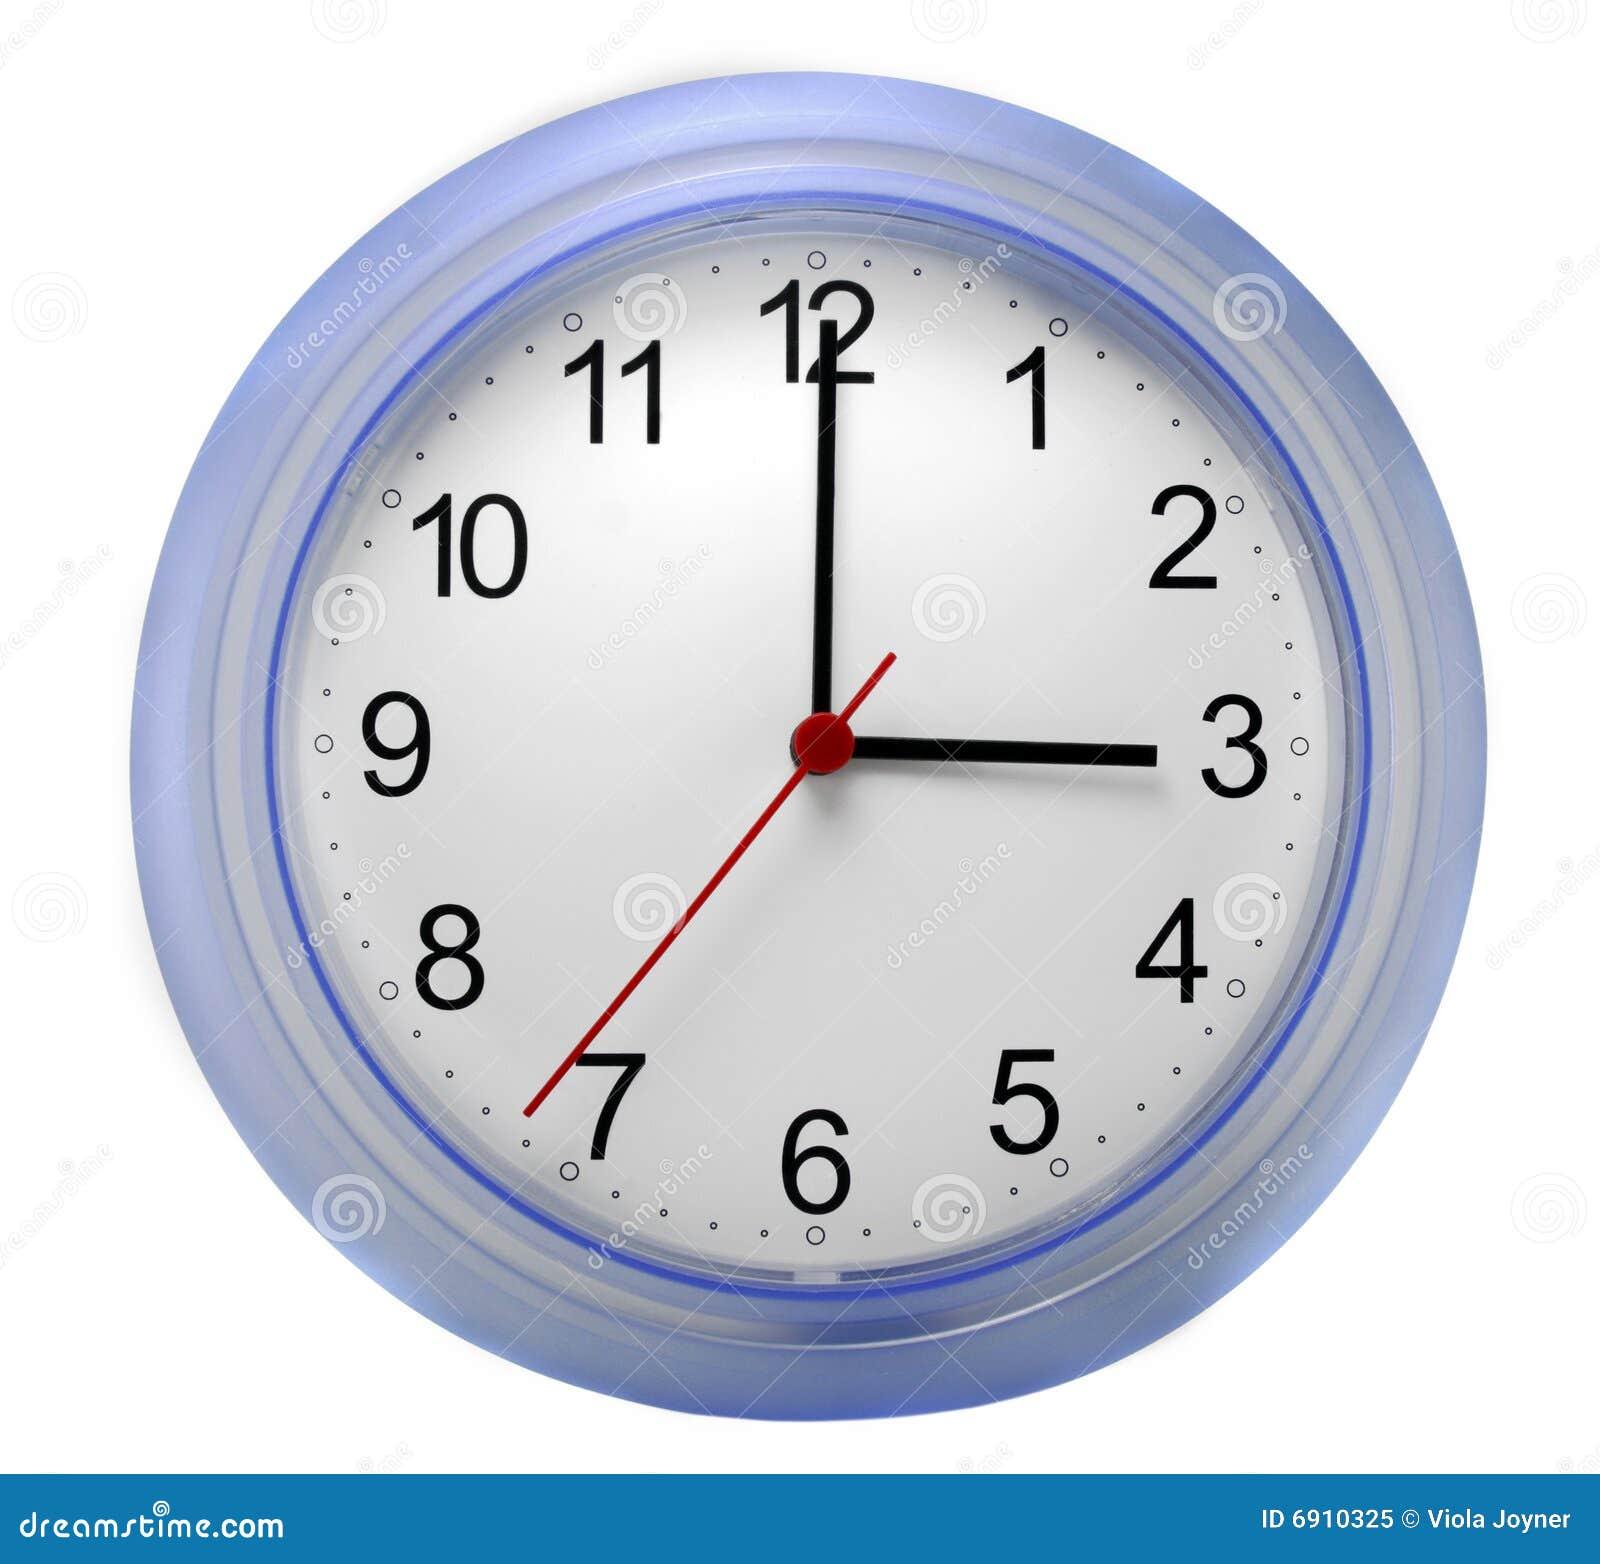 Reloj de pared foto de archivo libre de regal as imagen - Reloj de pared diseno ...